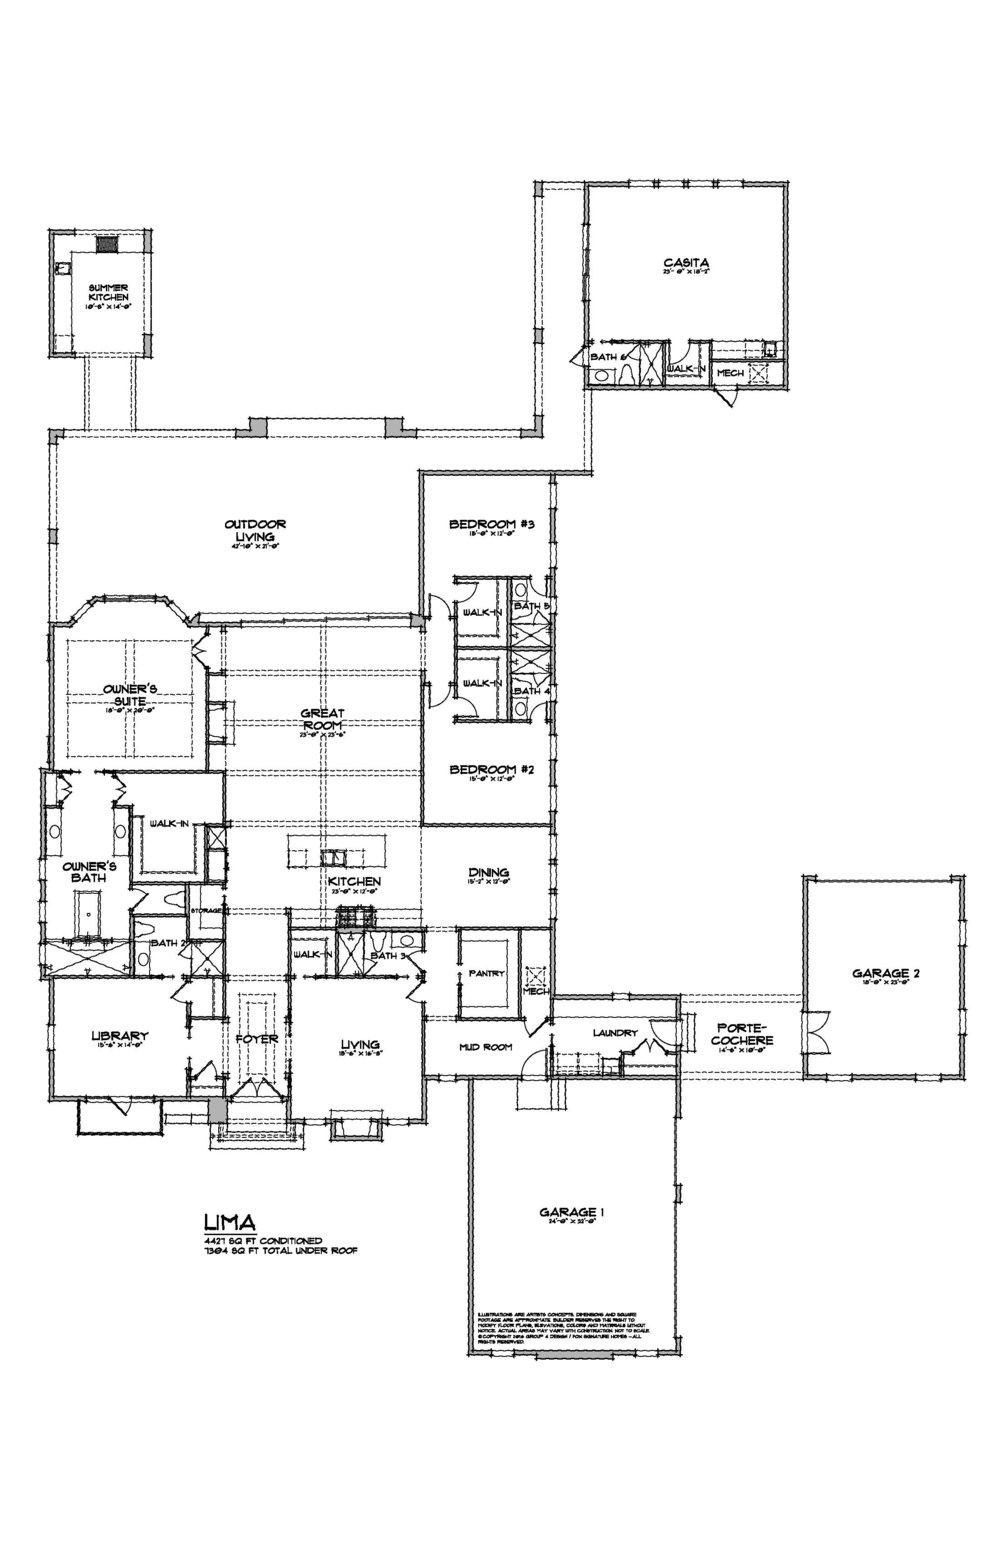 Lima Floorplan.JPG